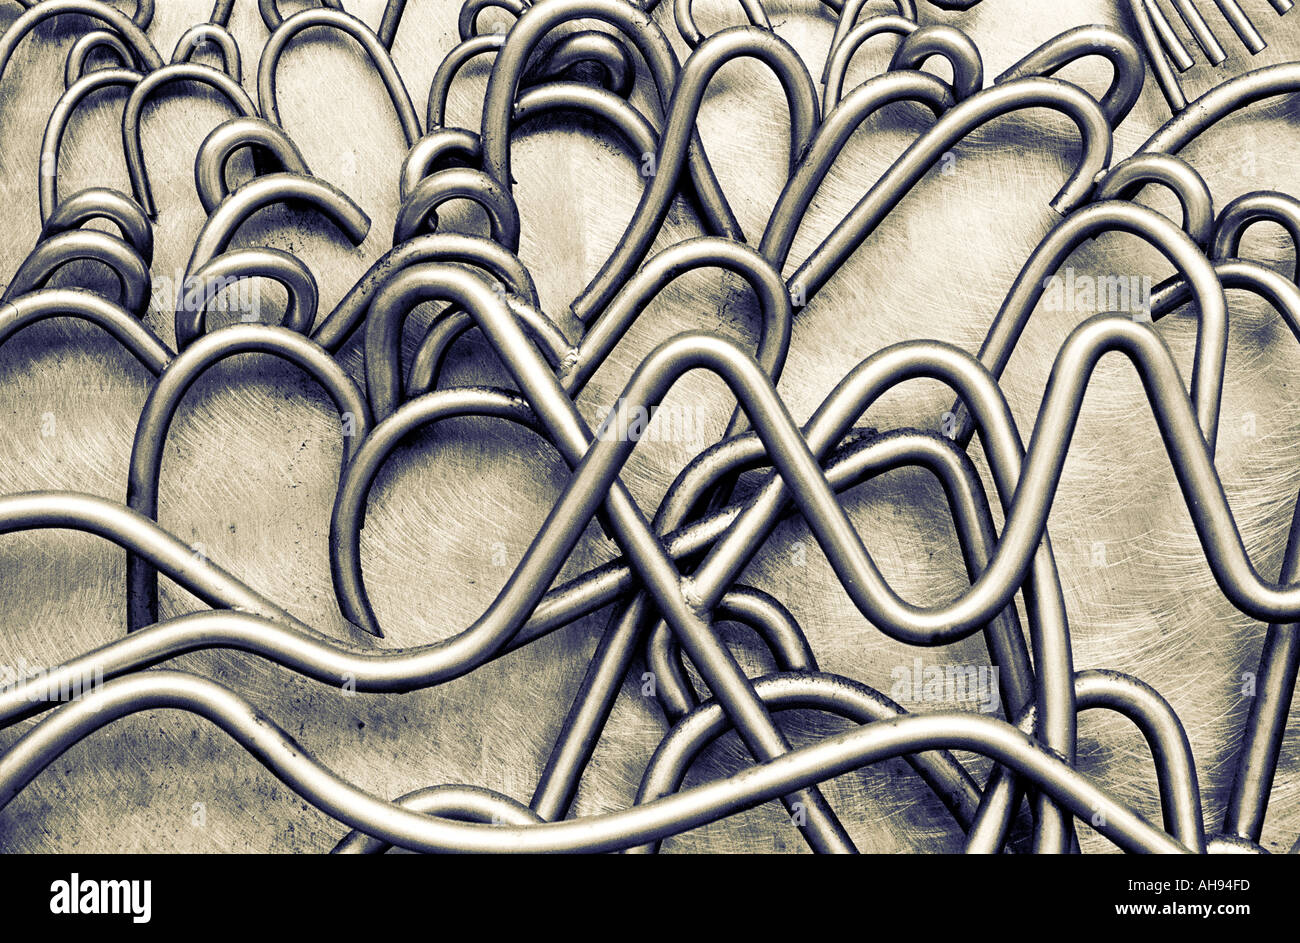 Twisted et tubes métalliques sculptées comme des câbles sur la surface de métal réfléchissant Photo Stock